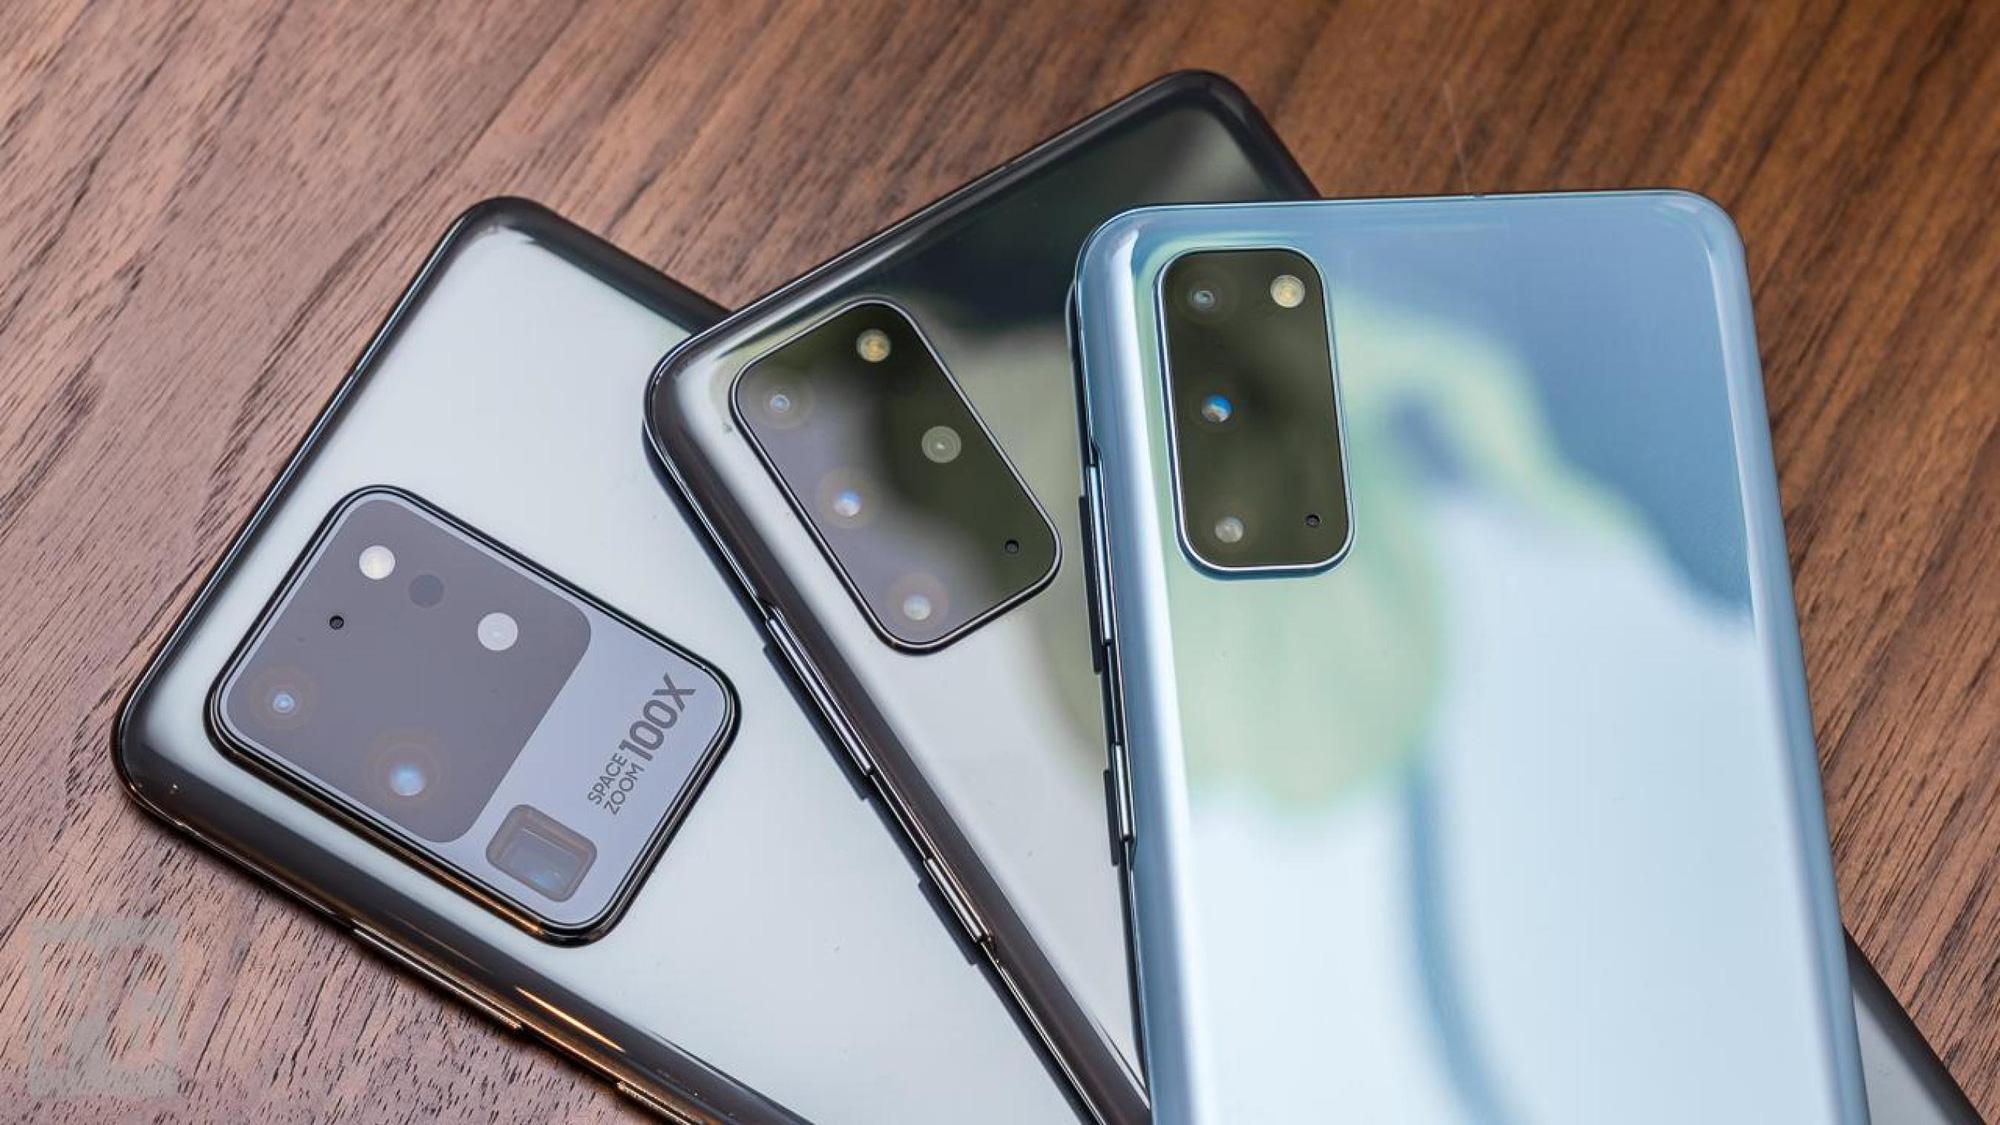 Samsung đang phạm sai lầm với Galaxy S20 - Ảnh 1.